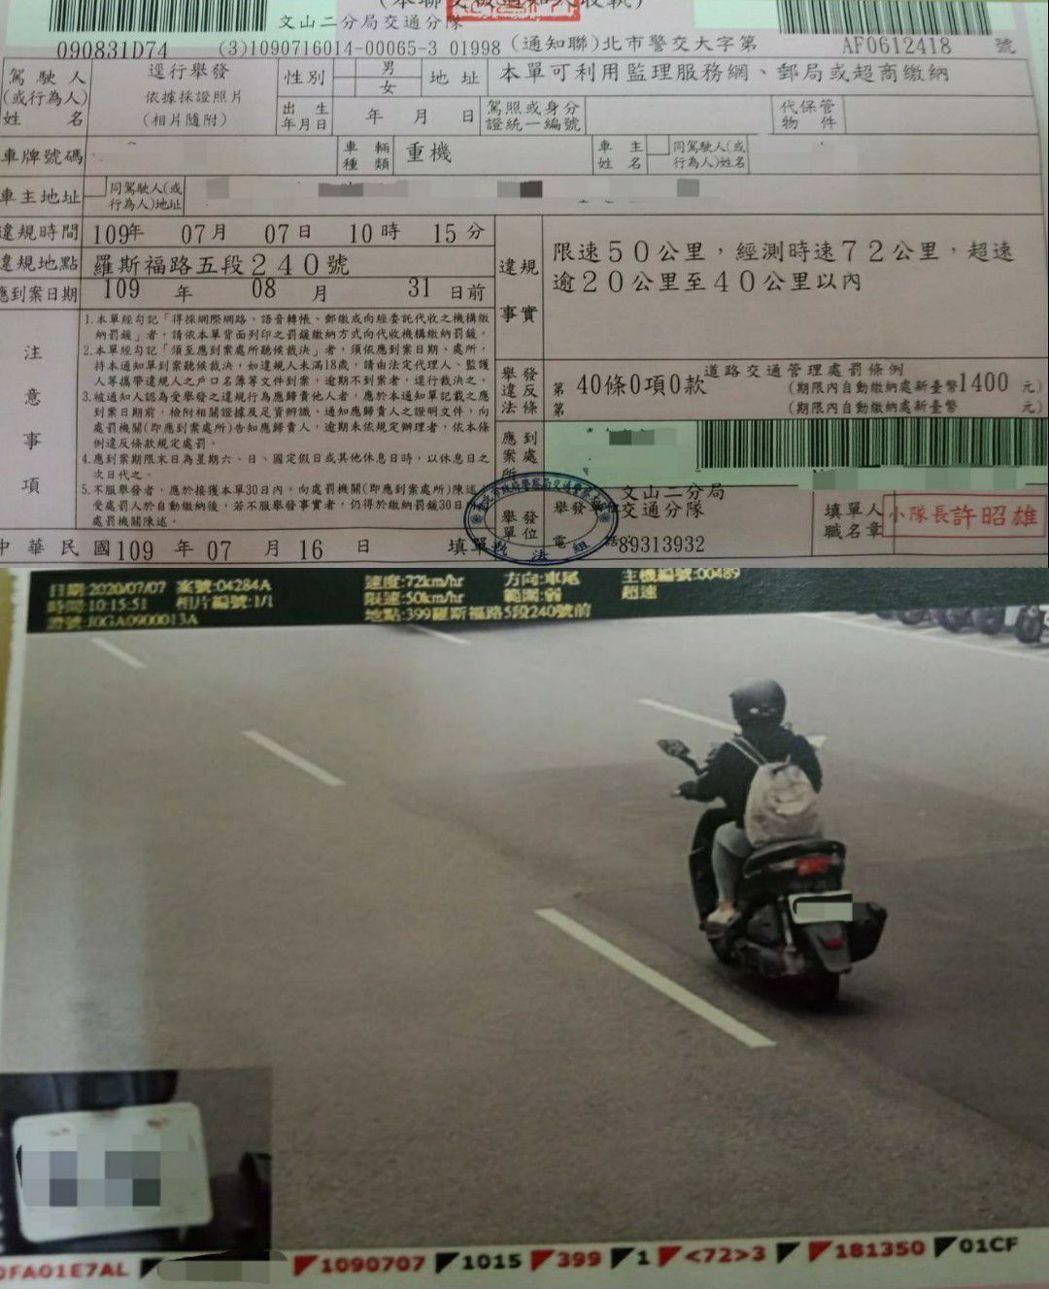 示意圖,不少民眾反應收到違規通知單上的照片無法清楚檢視。記者胡瑞玲/攝影